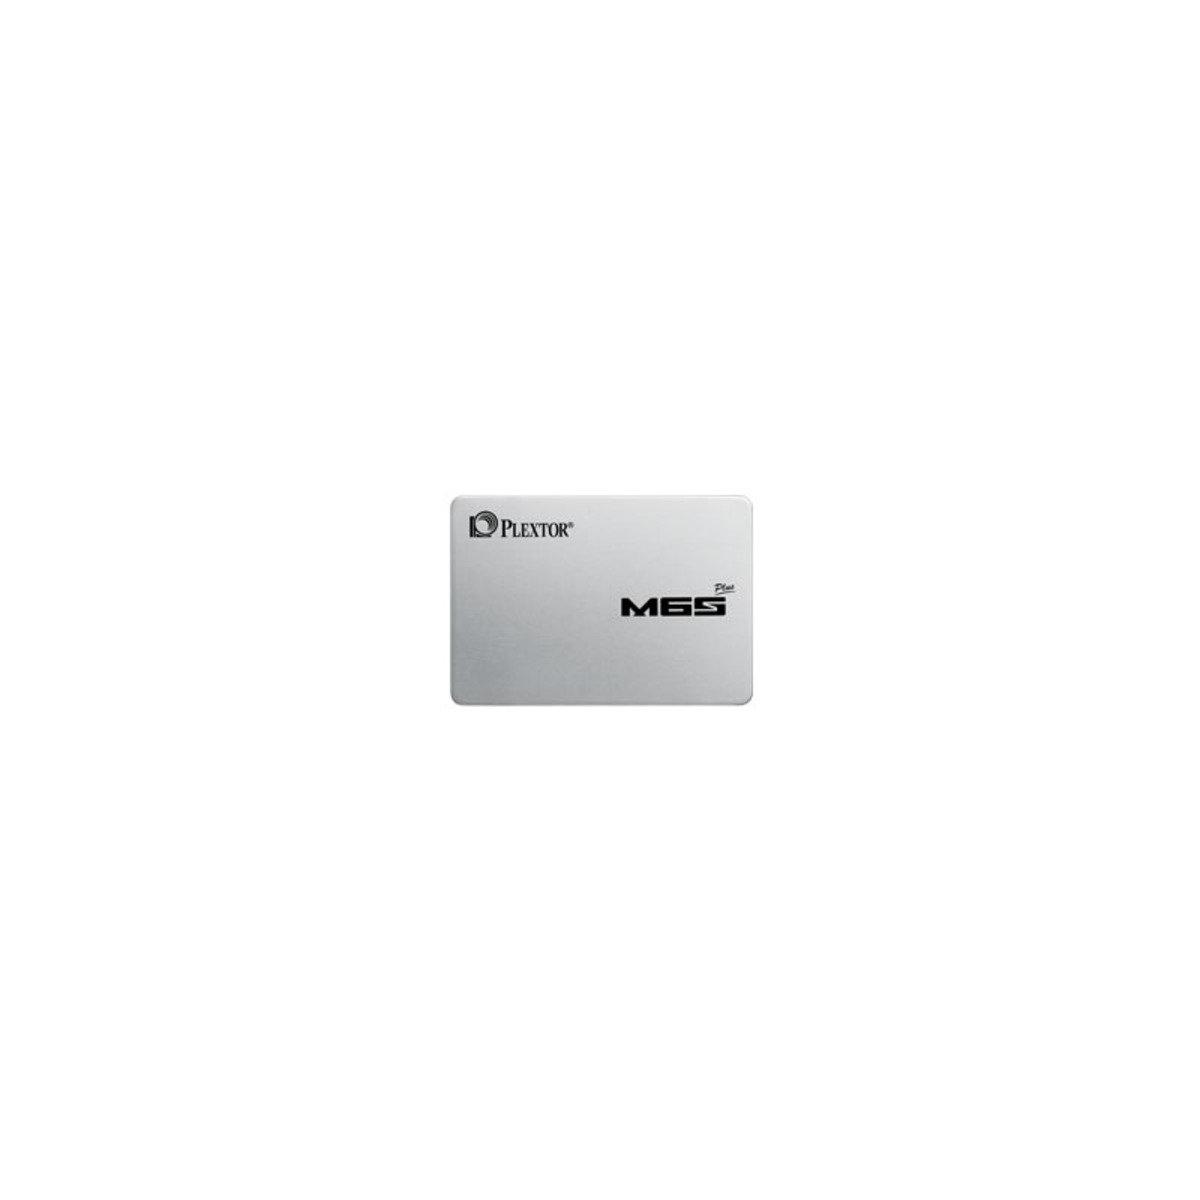 SSD 高速內置固態硬碟 M6S Plus 256GB